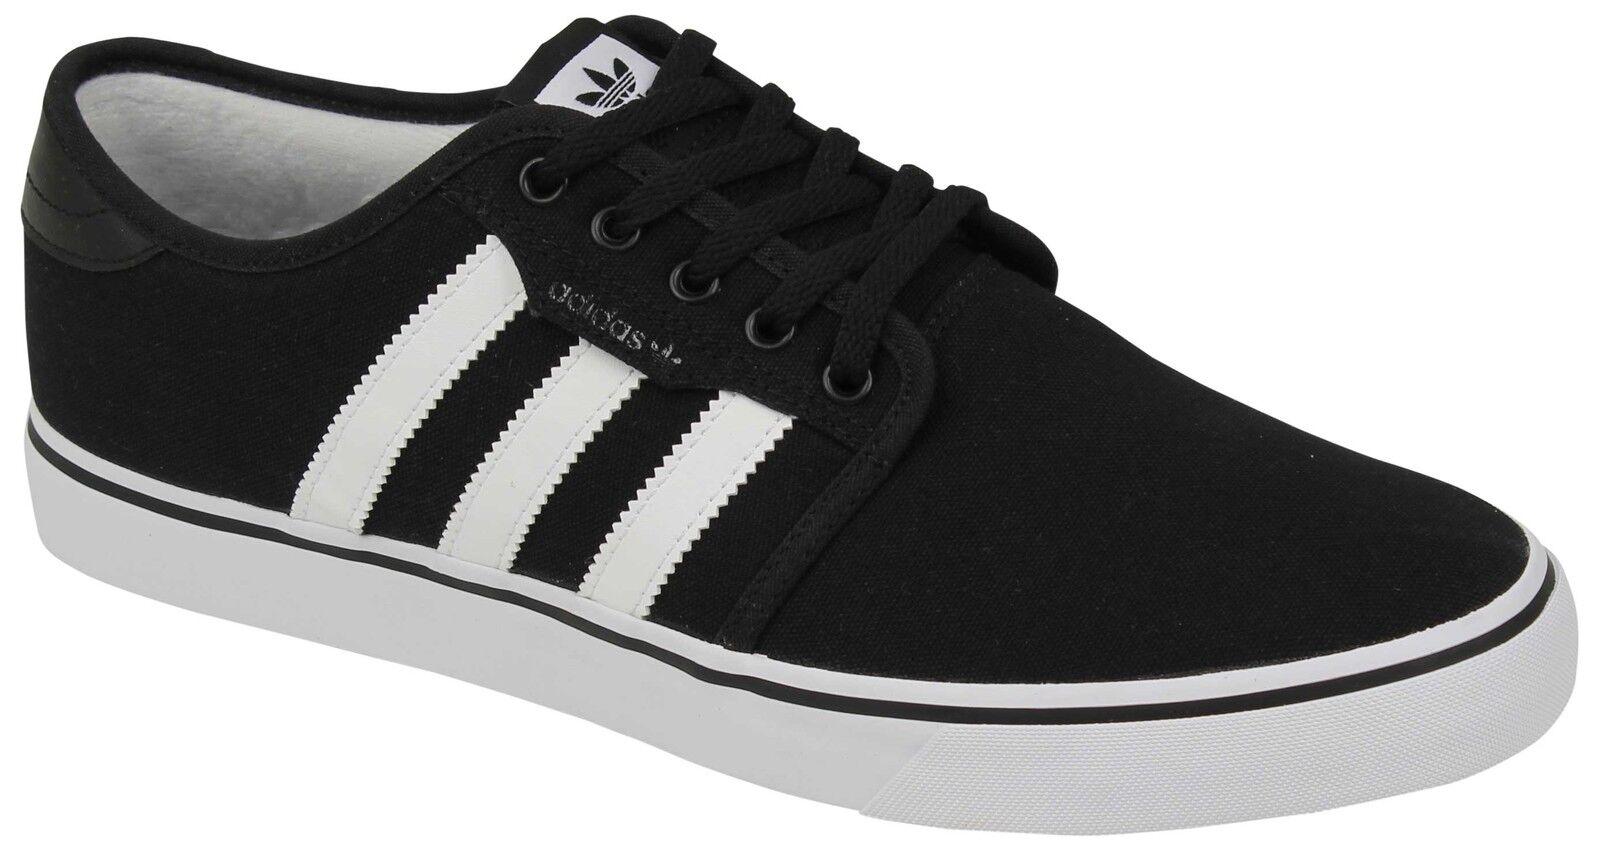 Adidas Seeley zapato Core Negro / blanco / Gum nueva nueva Gum marca de descuento 49a398